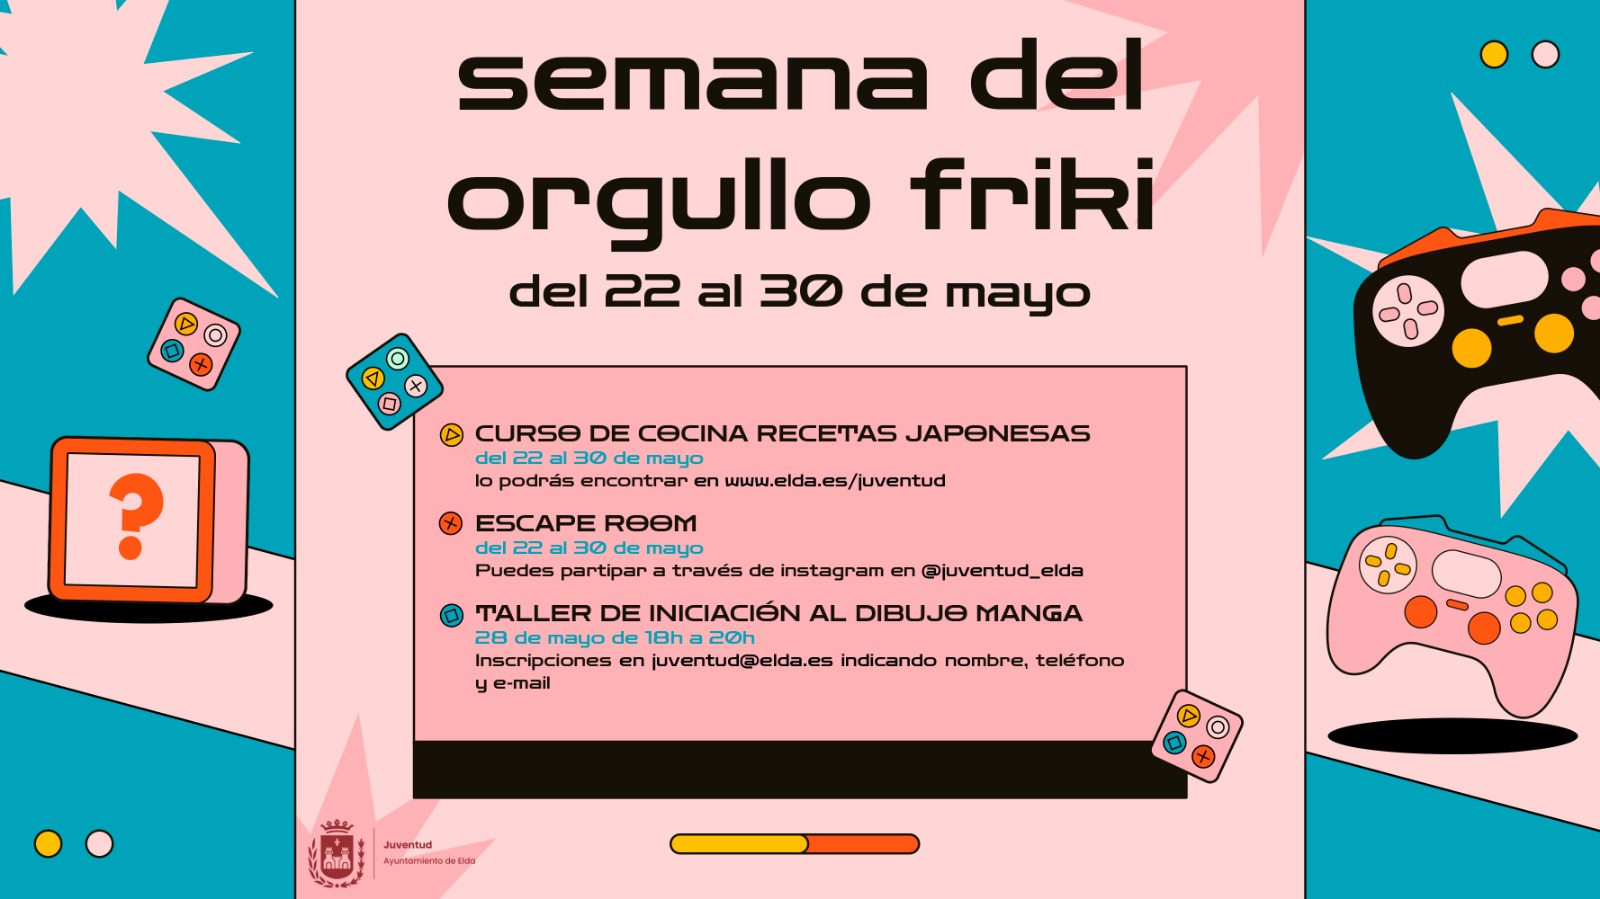 El Ayuntamiento de Elda organiza actividades culturales para jóvenes con motivo de la celebración del Día del Orgullo Friki